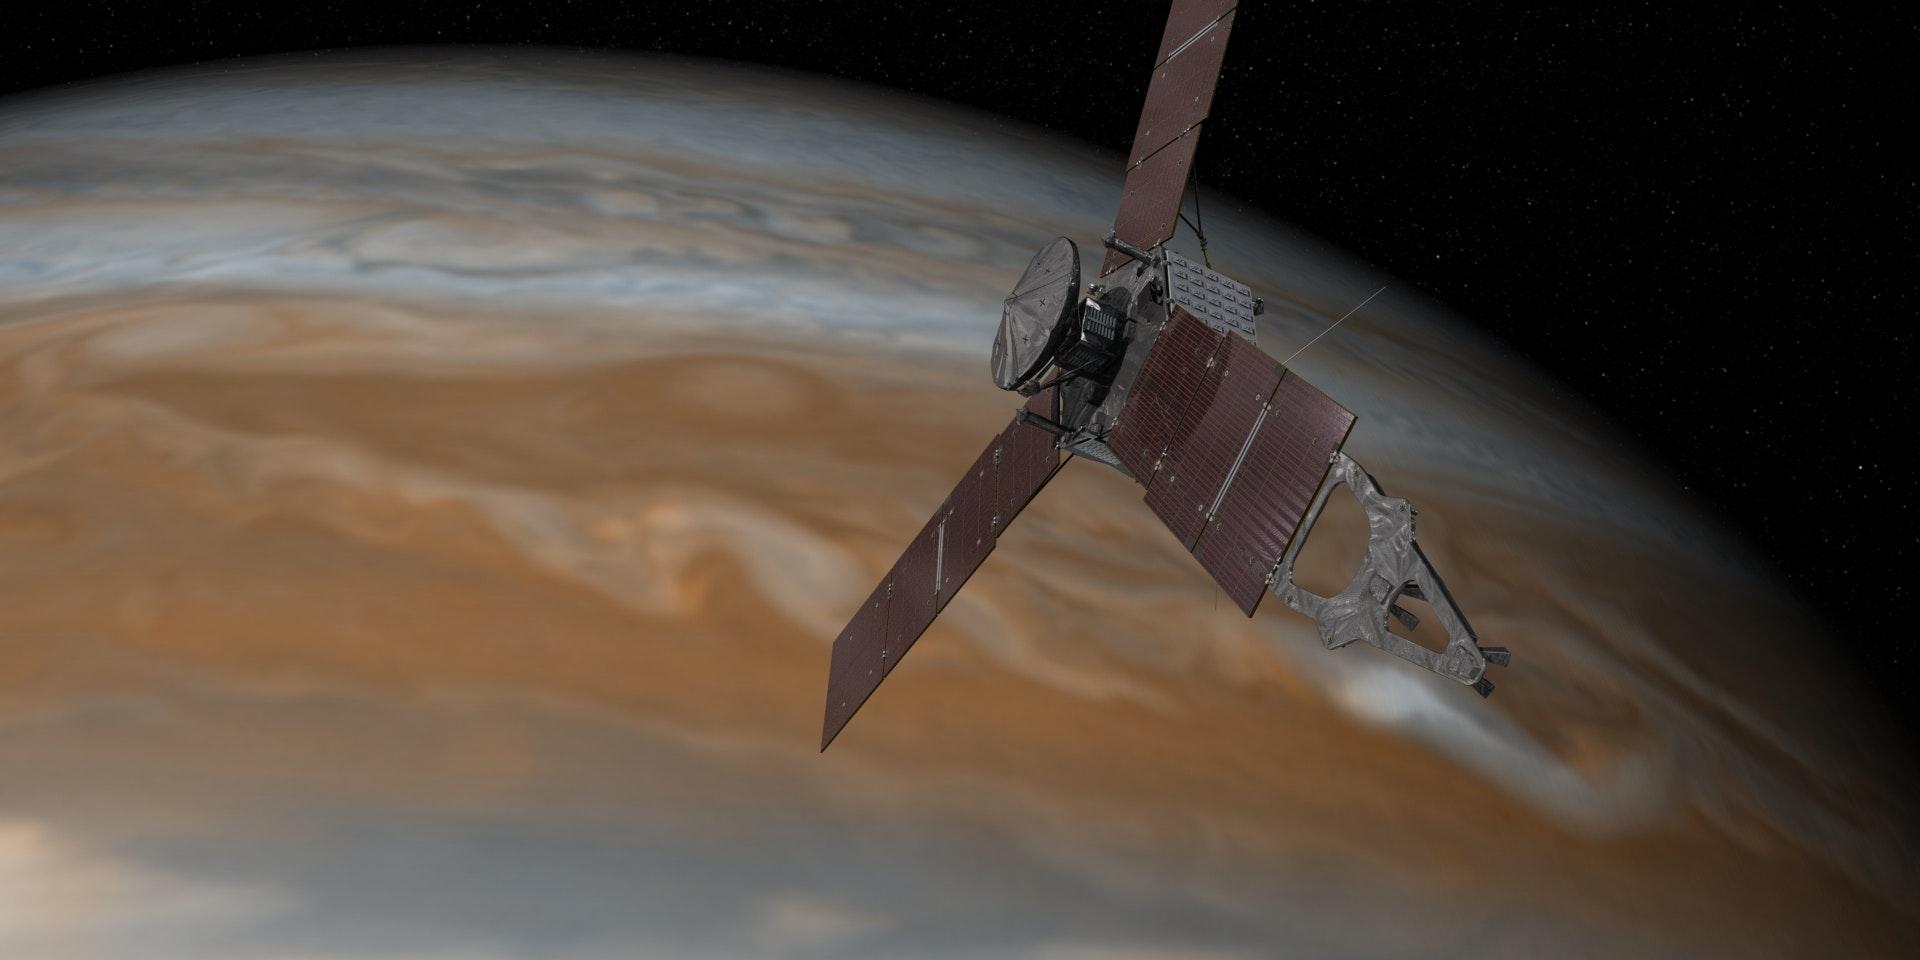 Artist's conception of the Juno spacecraft near Jupiter.